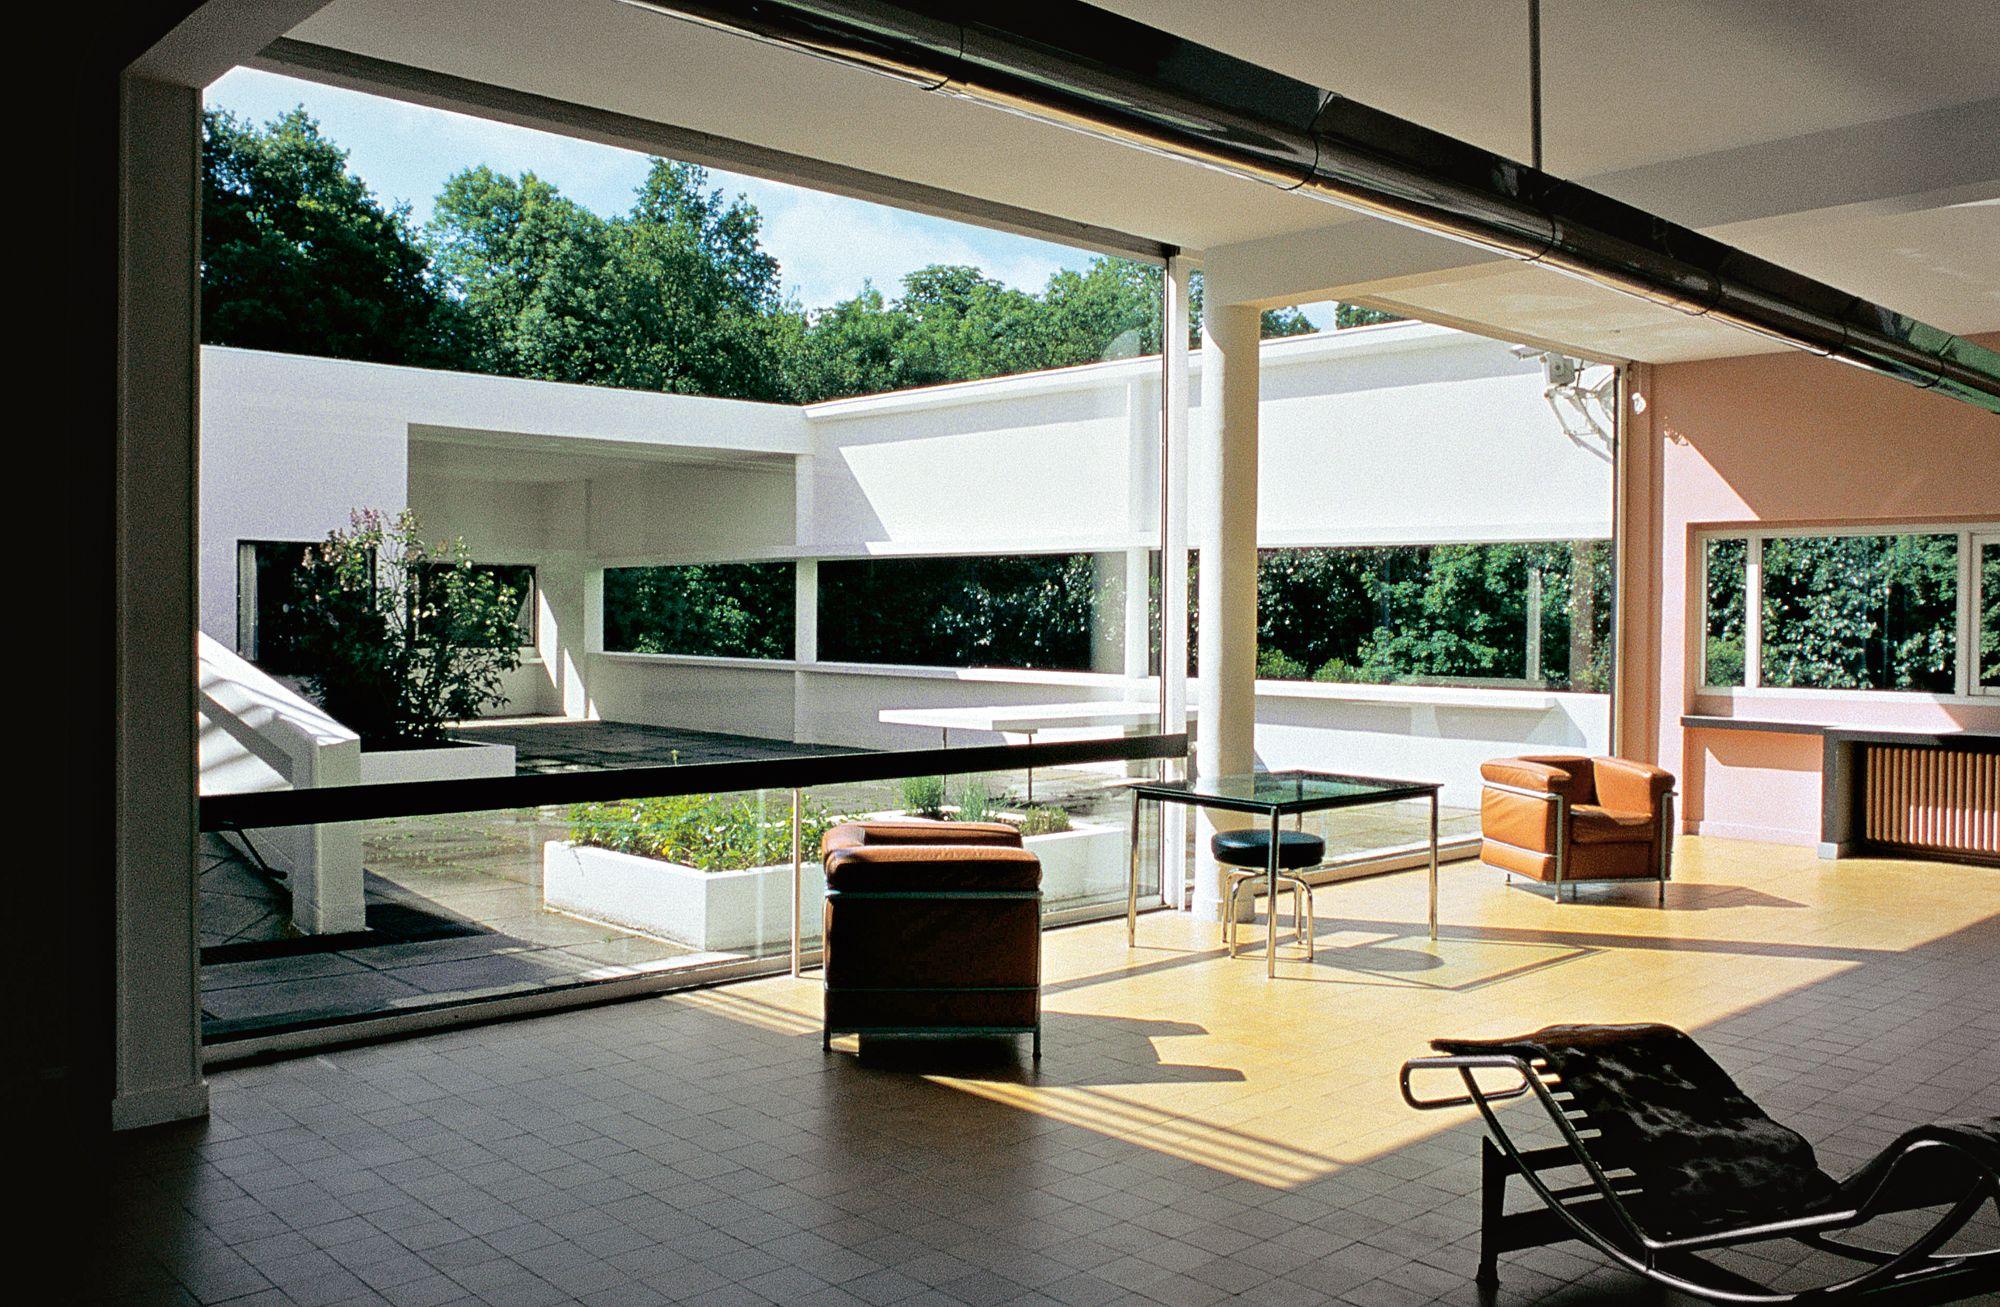 Ville-Savoye-di-Le-Corbusier-2